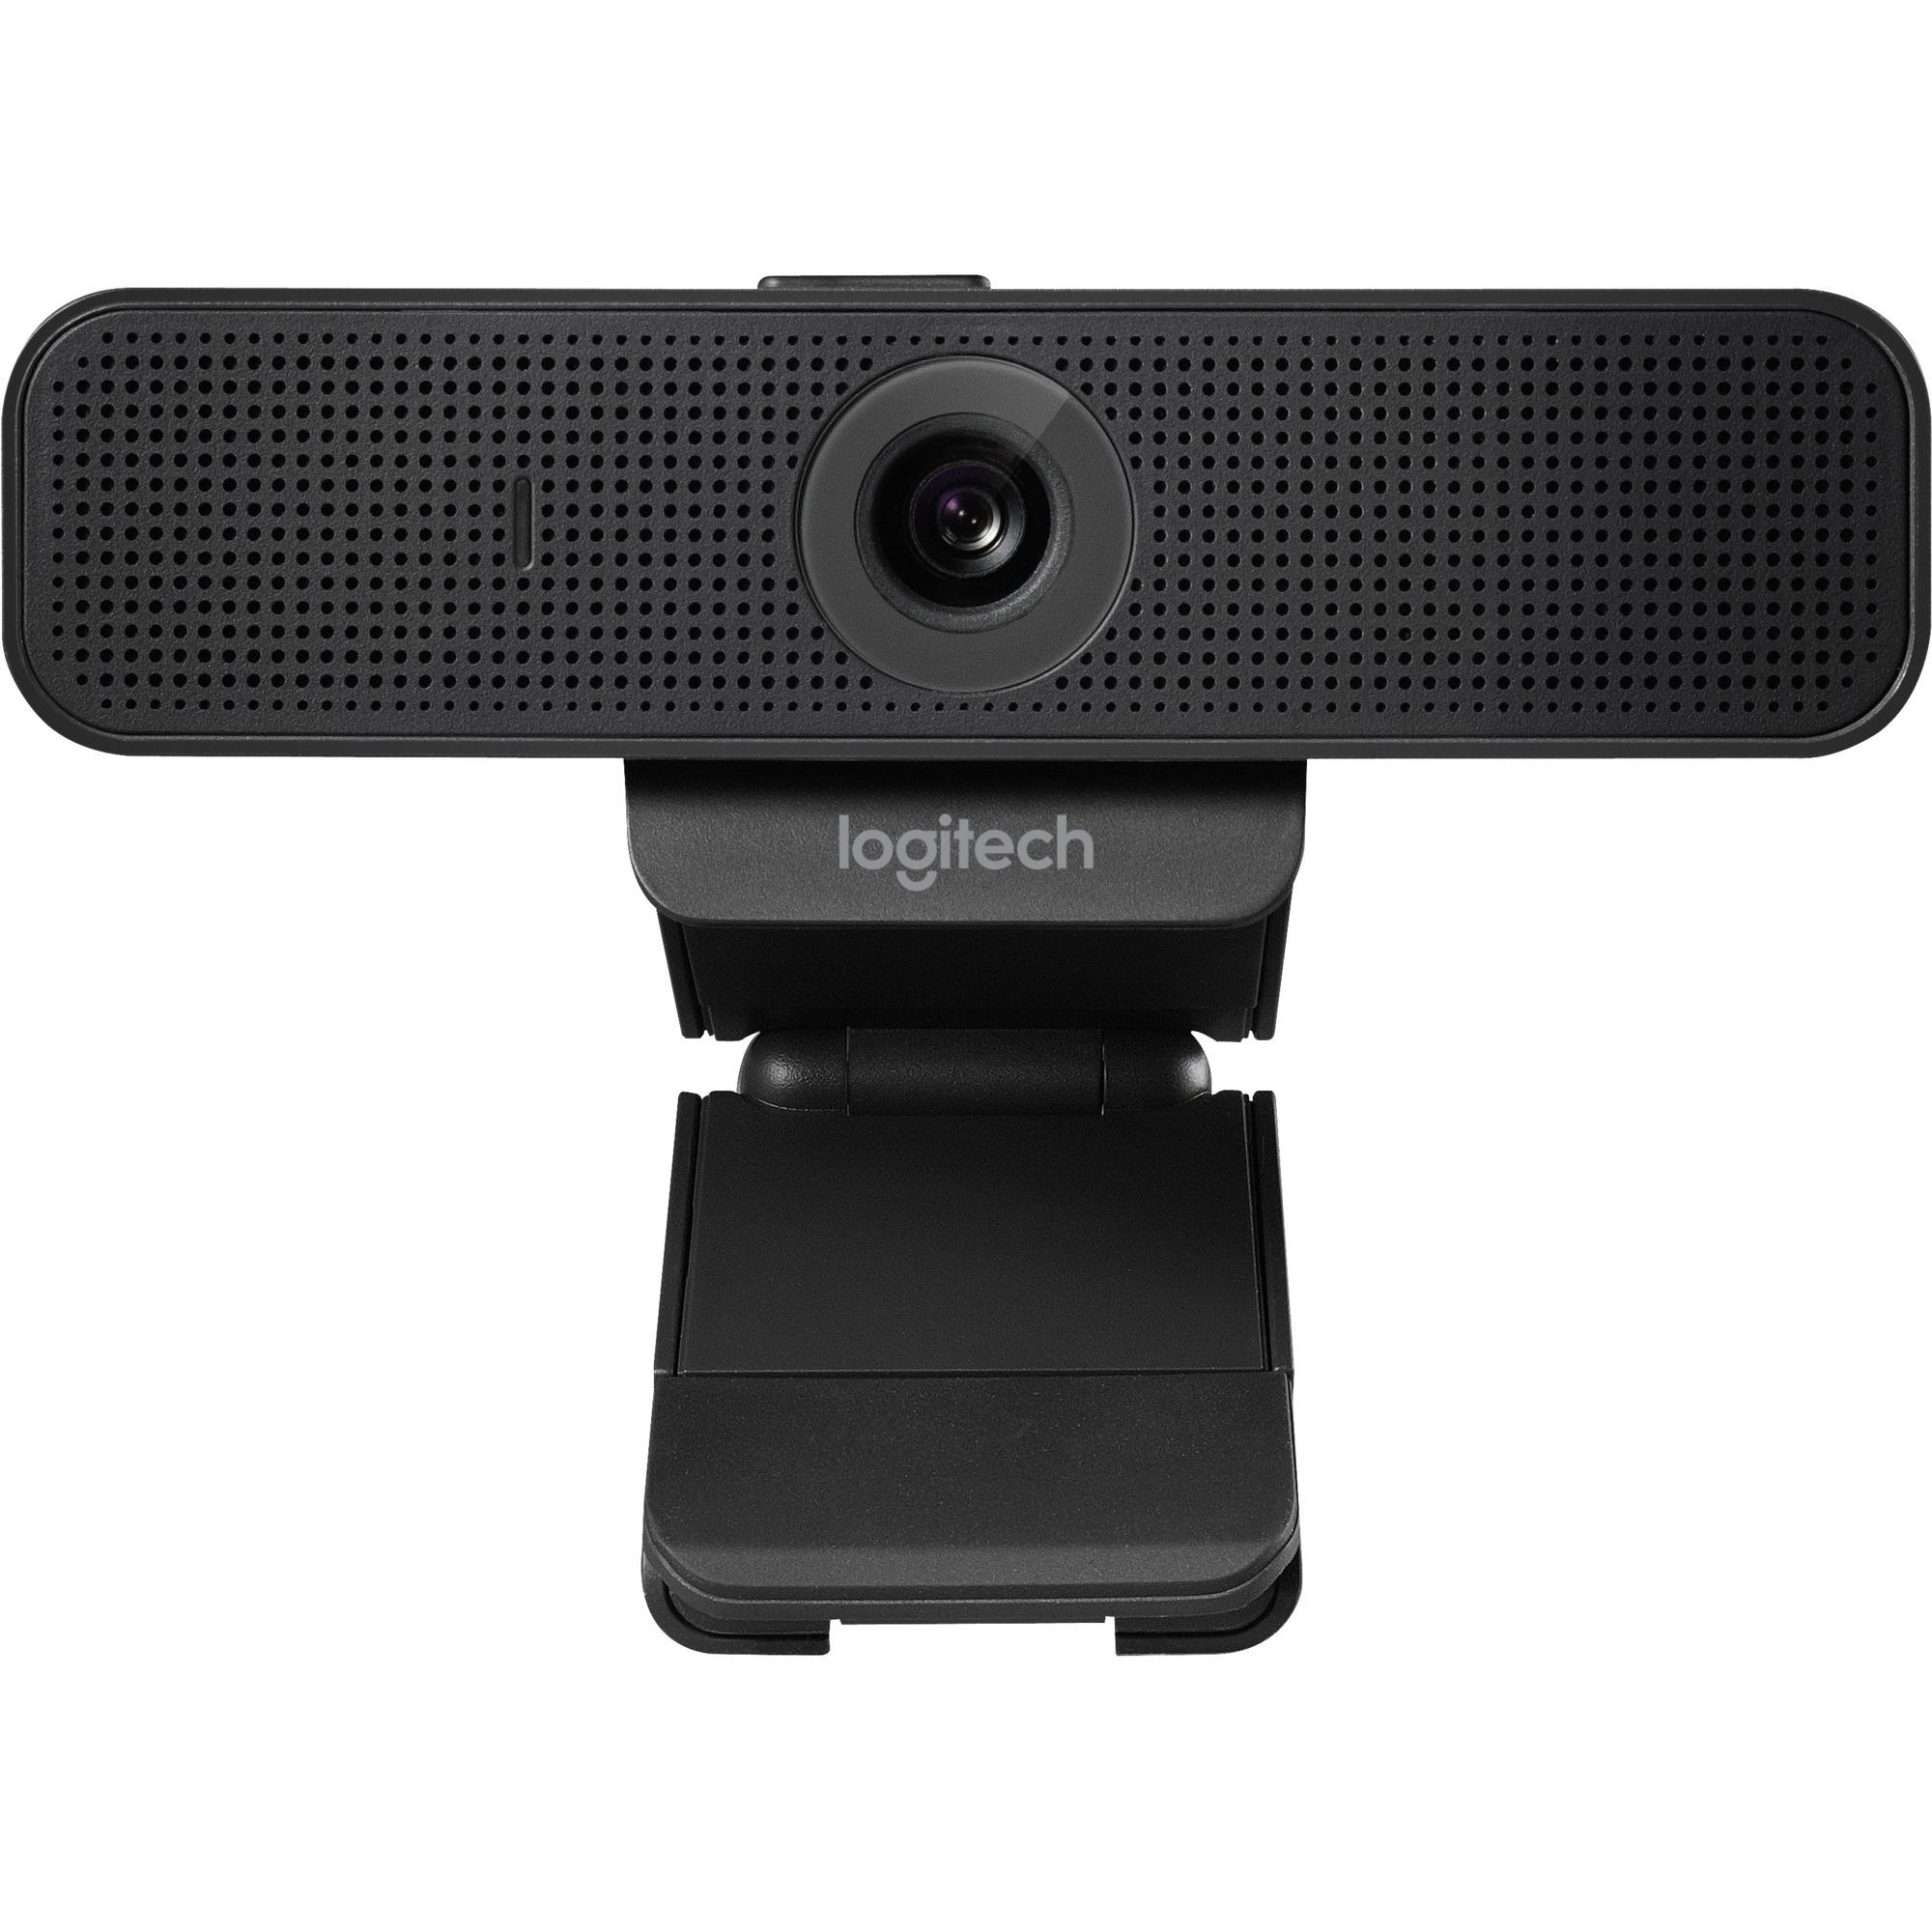 C925e cámara web 1920 x 1080 Pixeles USB 2.0 Negro, Webcam